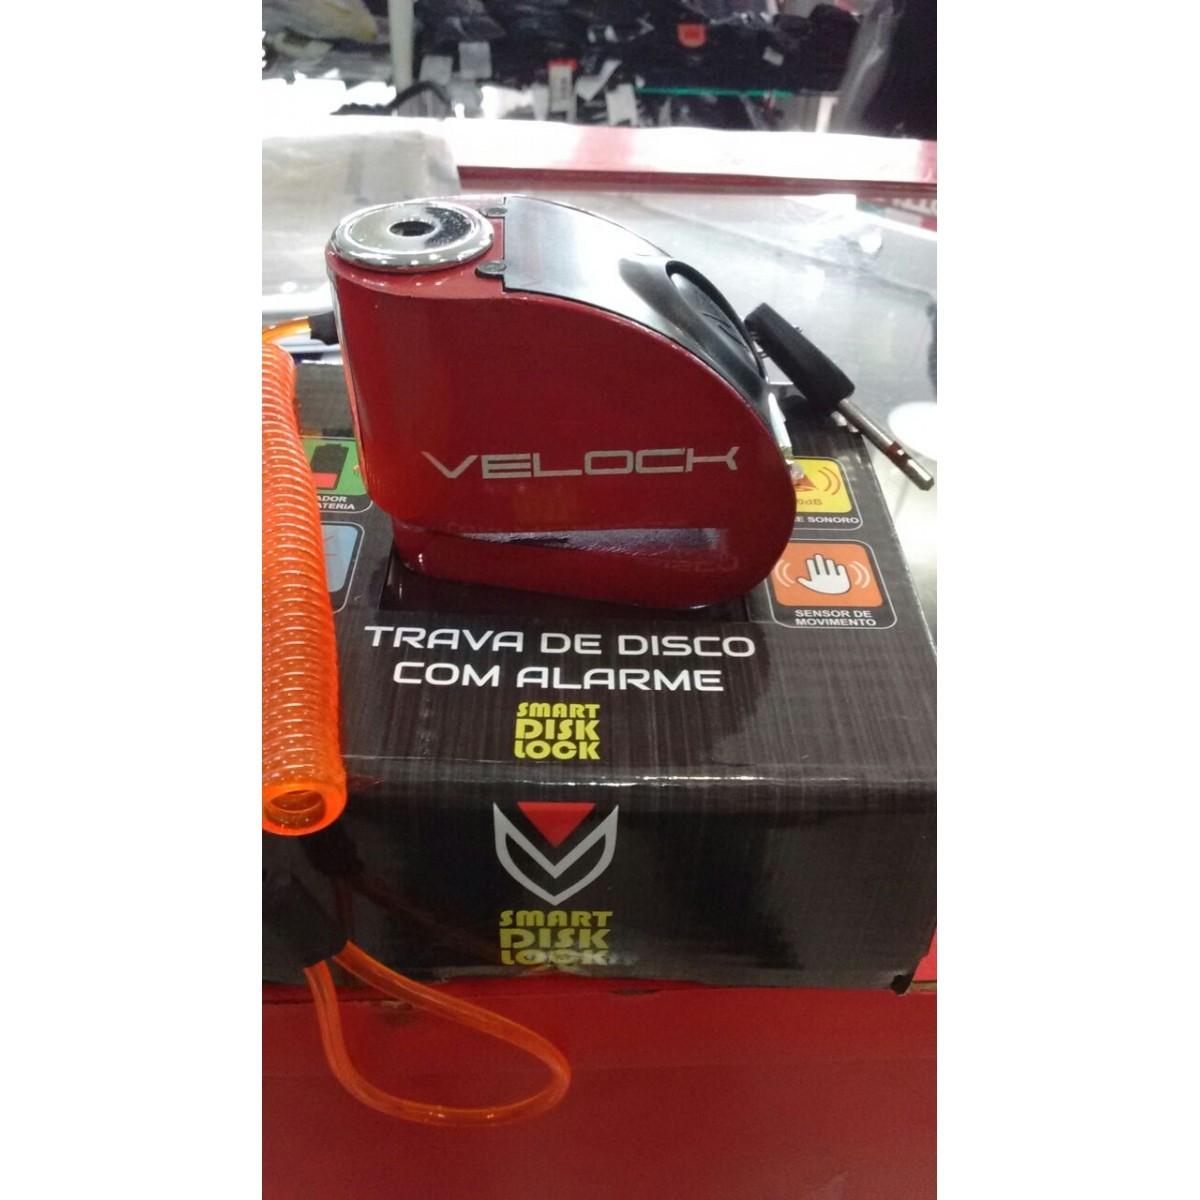 Trava de Disco com Alarme VELOCK  - Nova Suzuki Motos e Acessórios